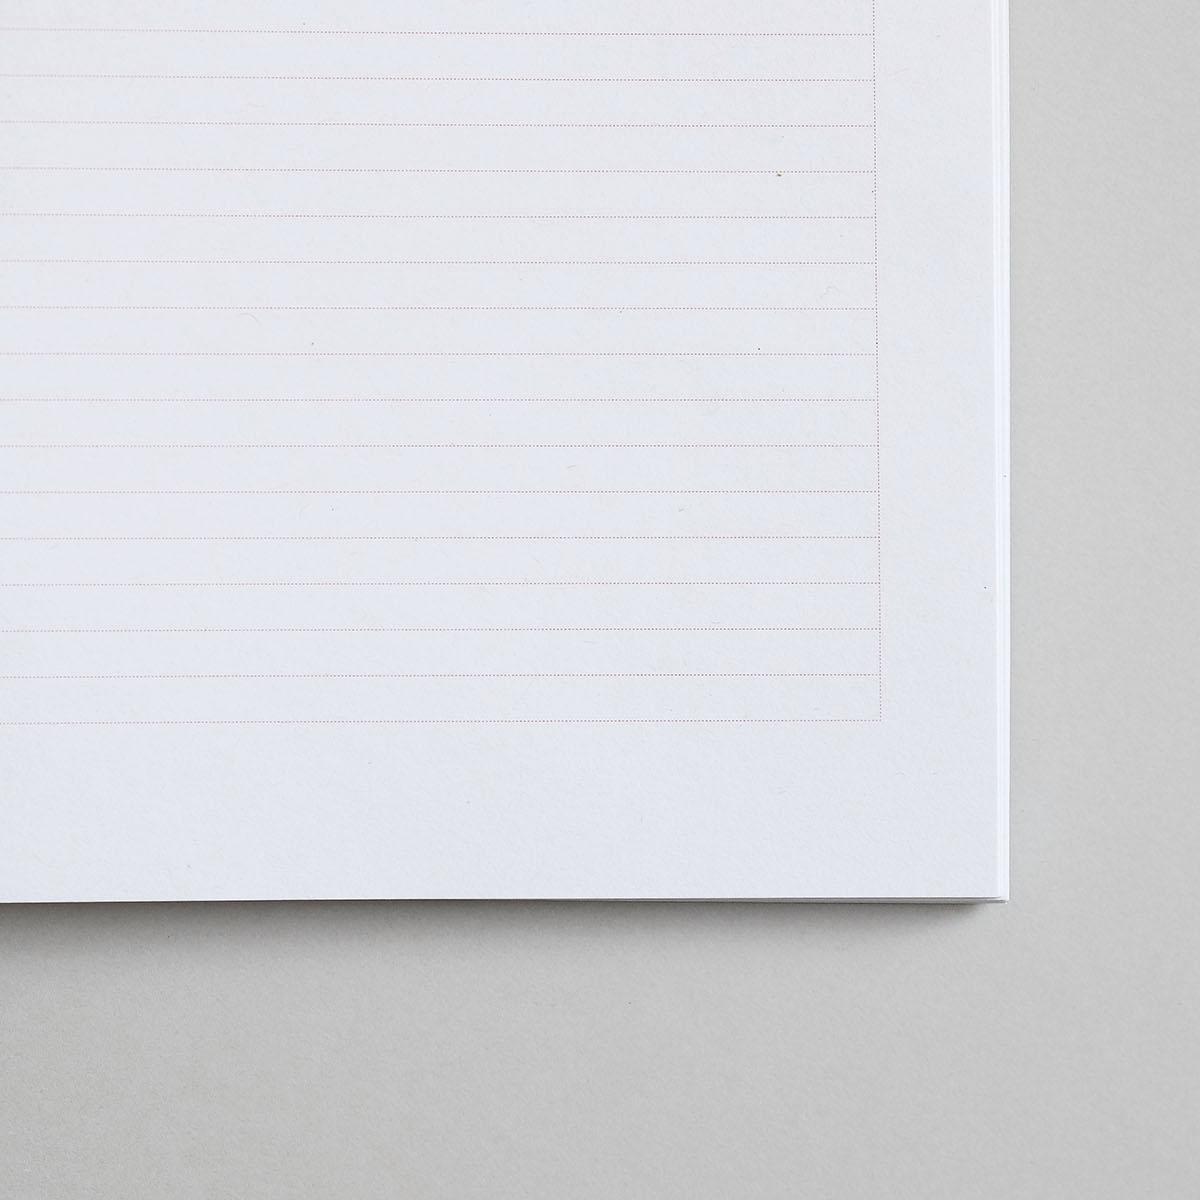 lekki_notebook_green_04